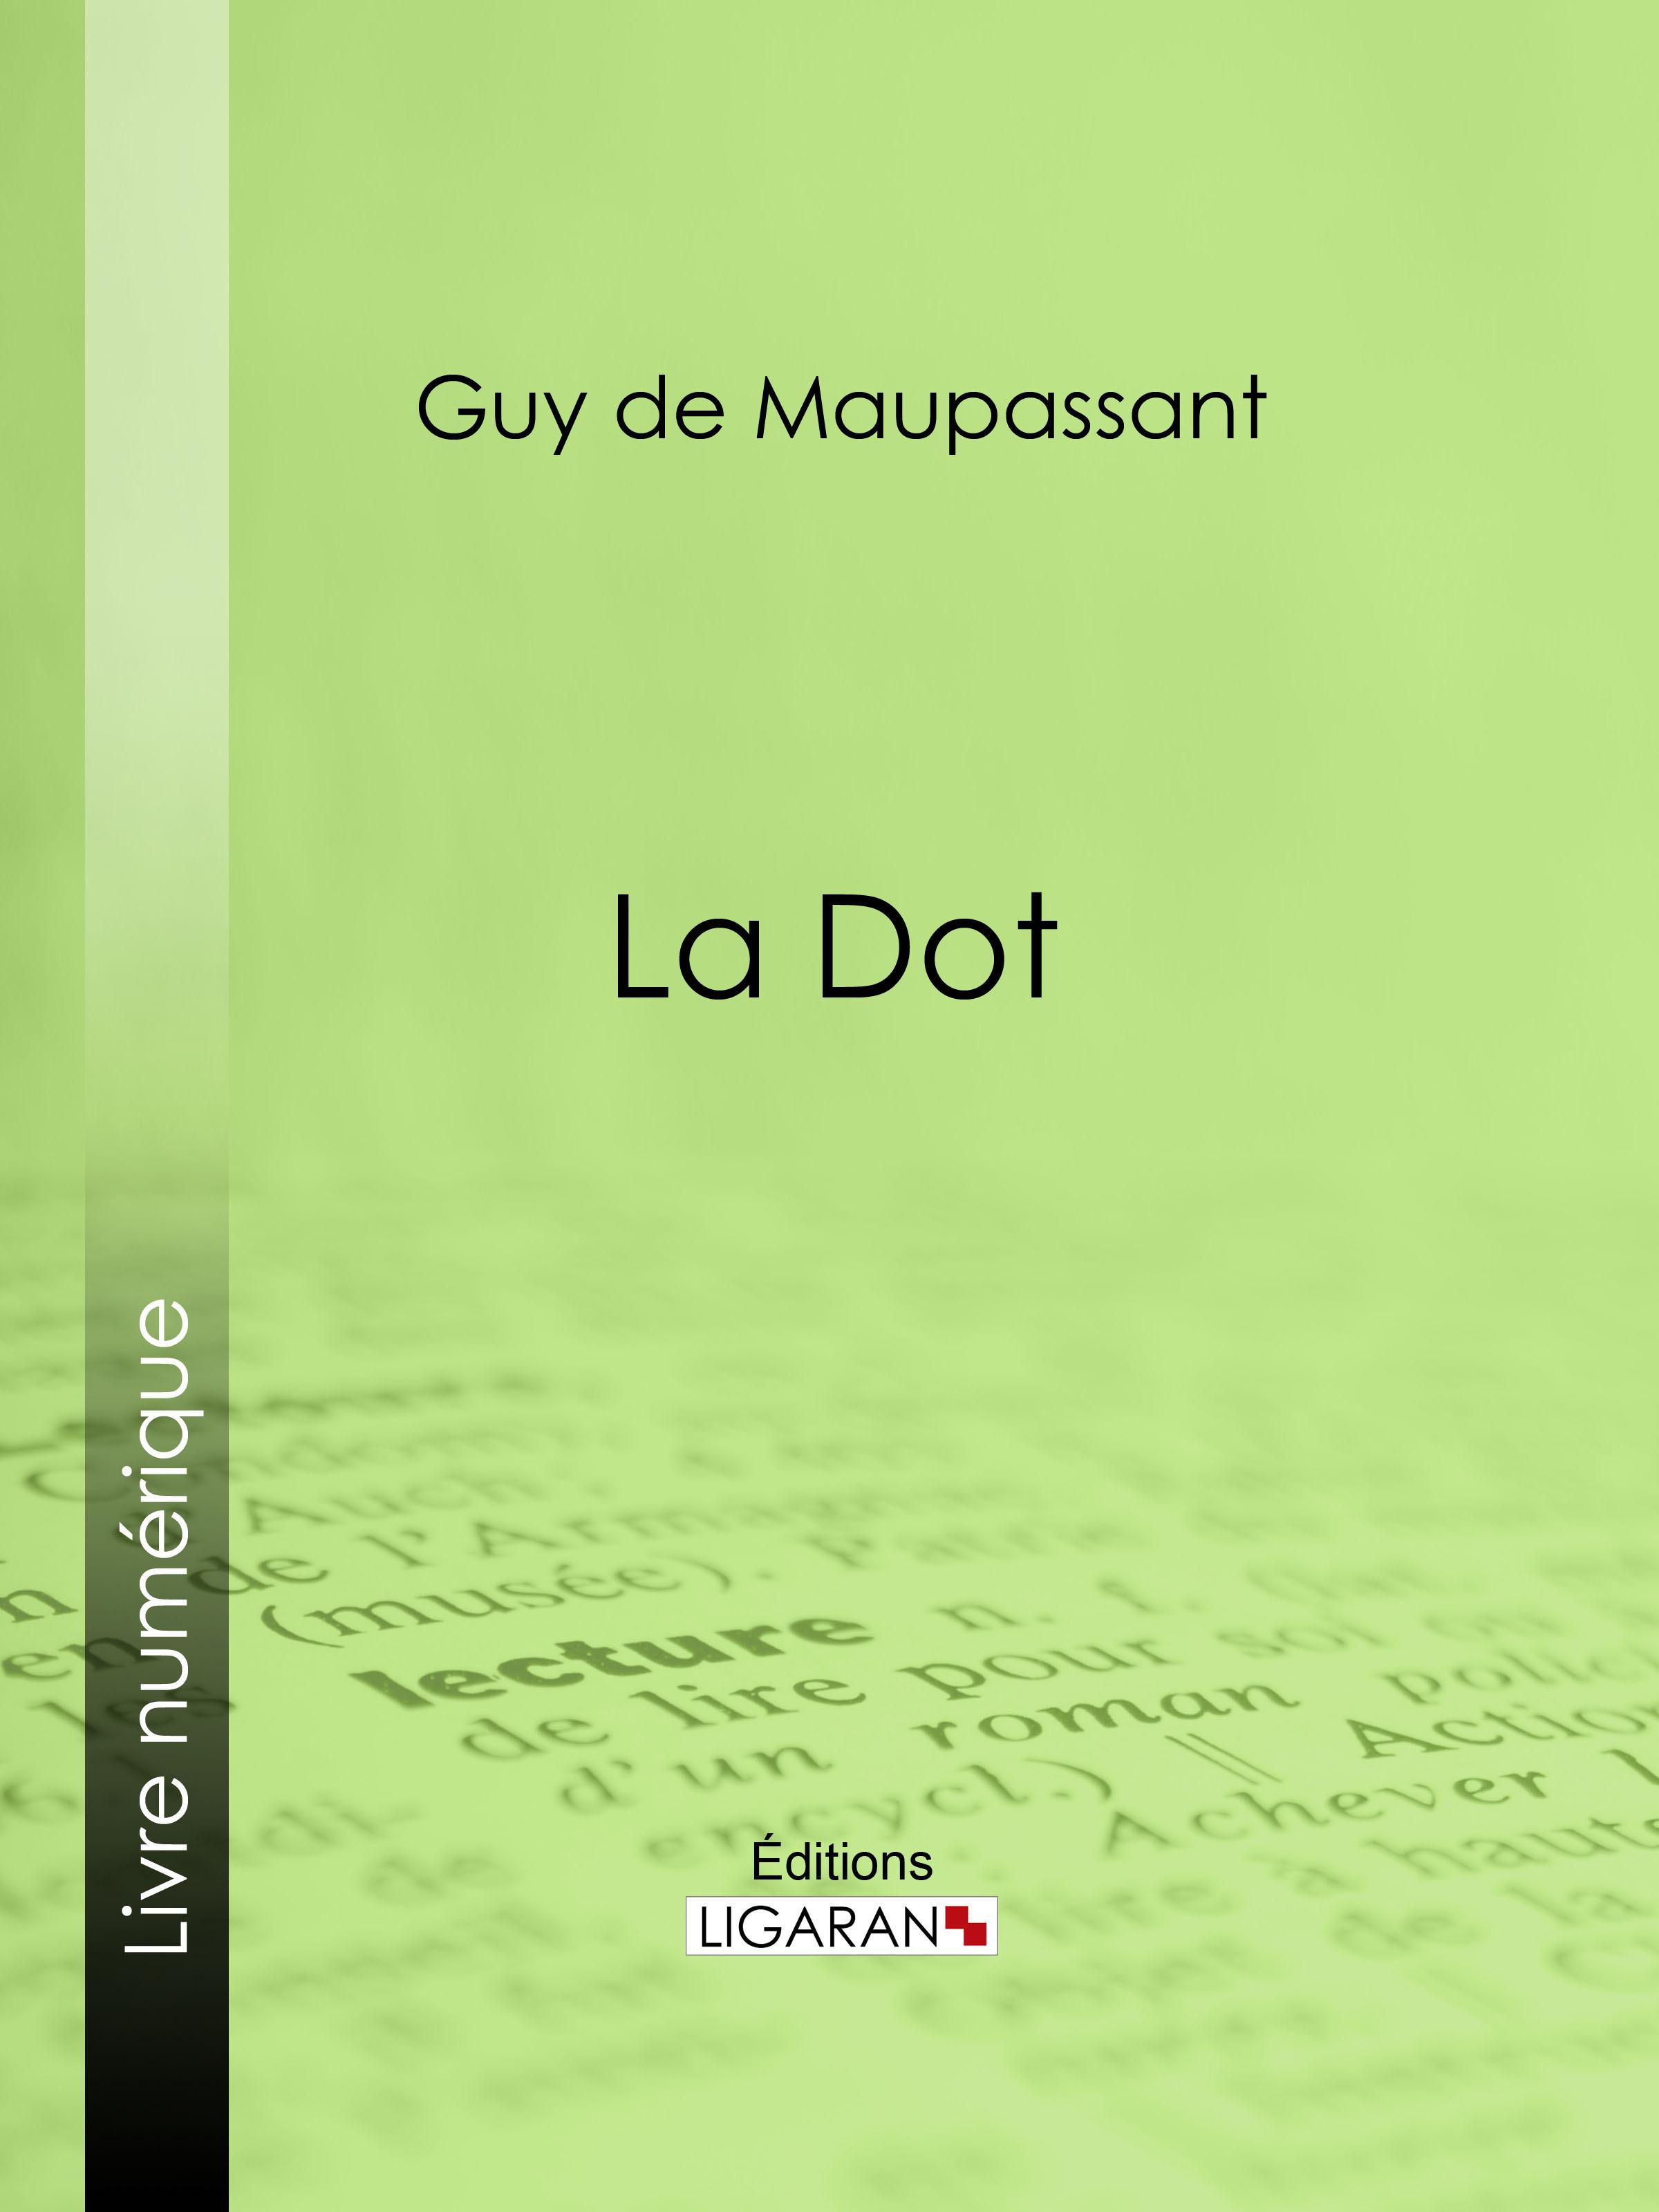 La Dot